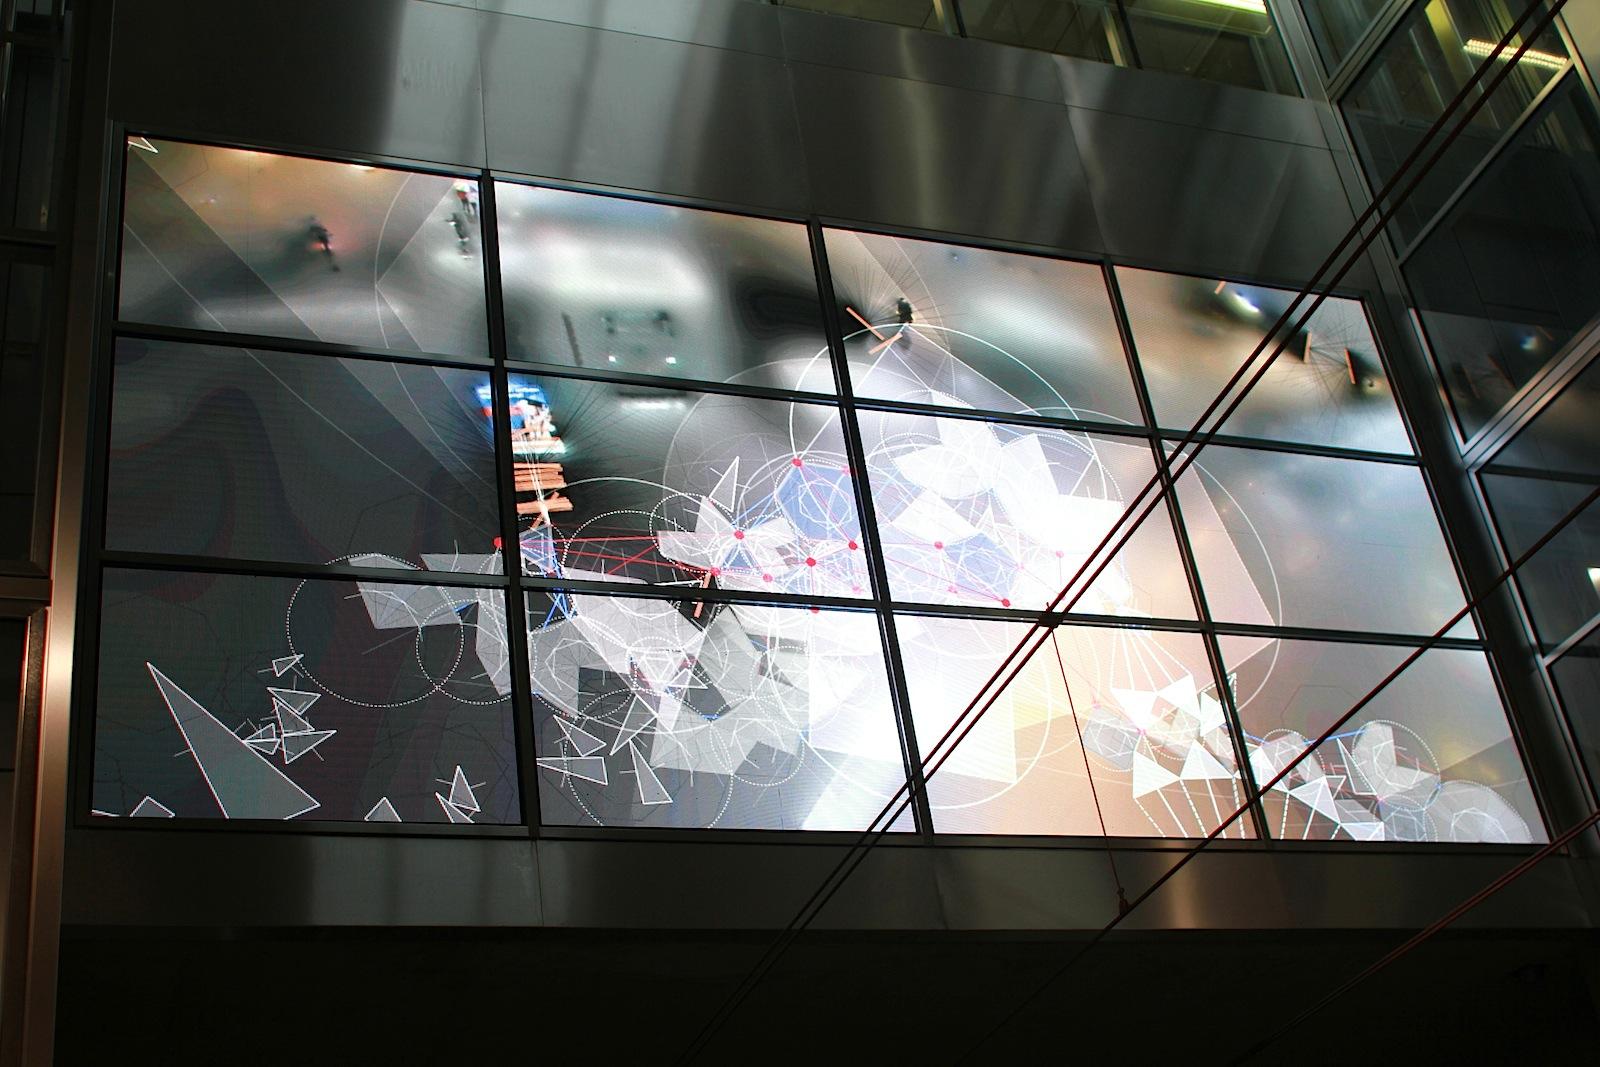 Station Schadowstraße.  Die zentrale Projektionsfläche ist in die große Stirnwand des Bahnhofs integriert, wo ein reaktives, digitale Video in Echtzeit generiert wird.